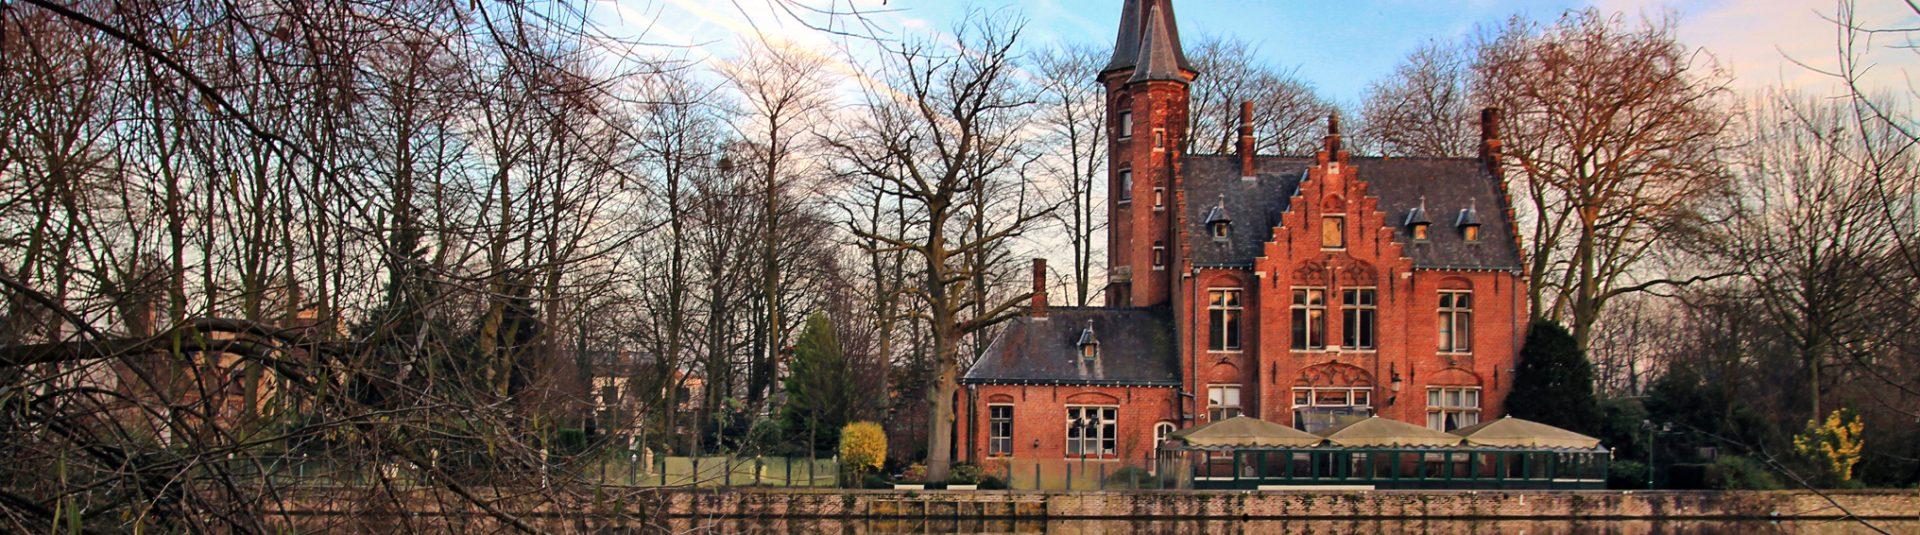 """<a href=""""http://www.directoryofdestinations.com/country/belgium/"""" rel=""""tag"""">Belgium</a>"""